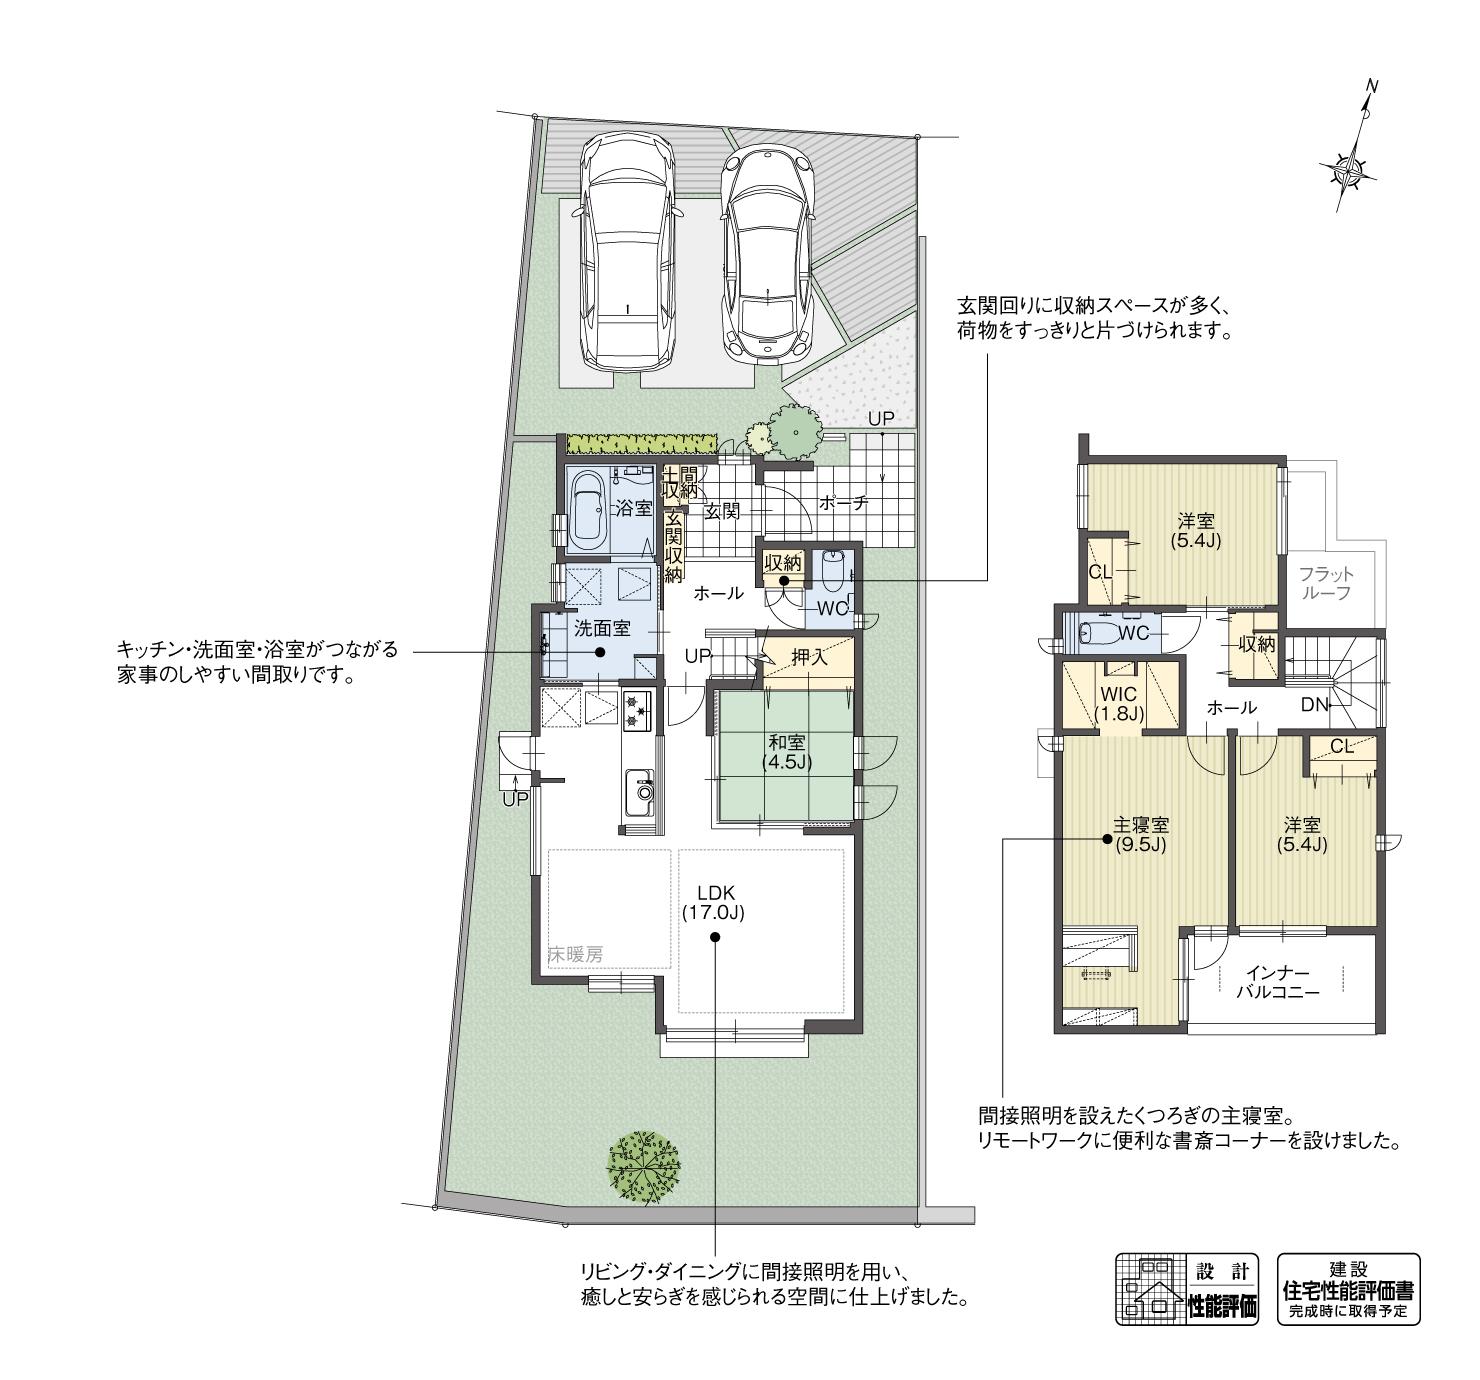 5_間取図_plan1_緑区倉坂